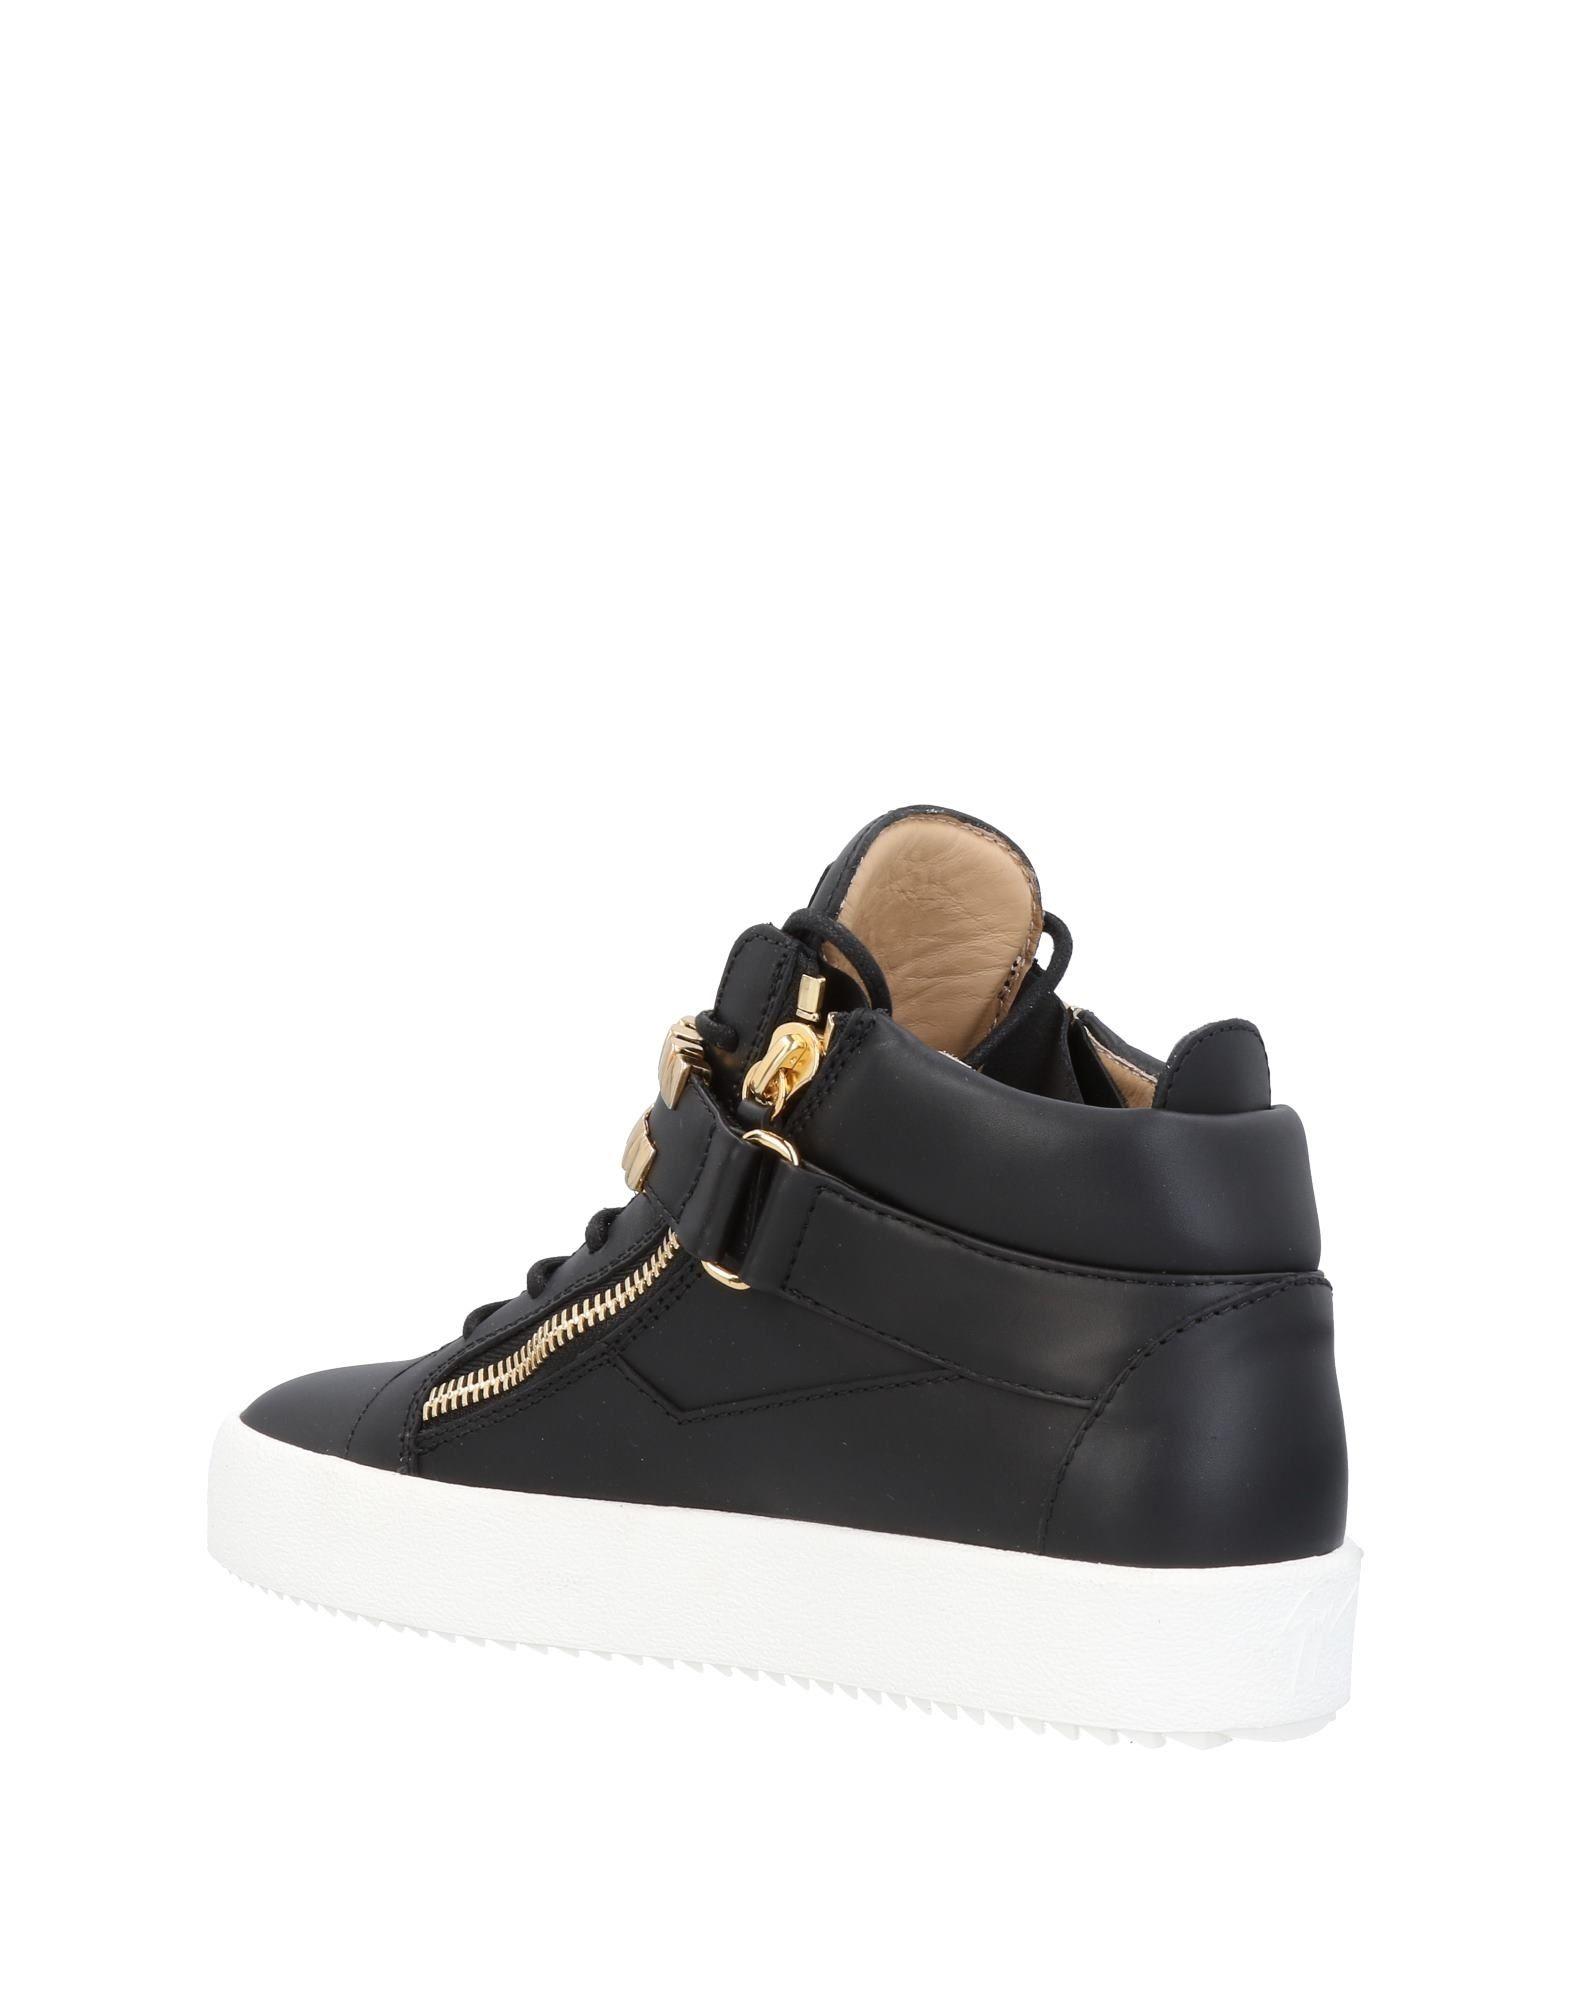 Giuseppe Zanotti Sneakers Herren  11447116CH Gute Qualität beliebte Schuhe